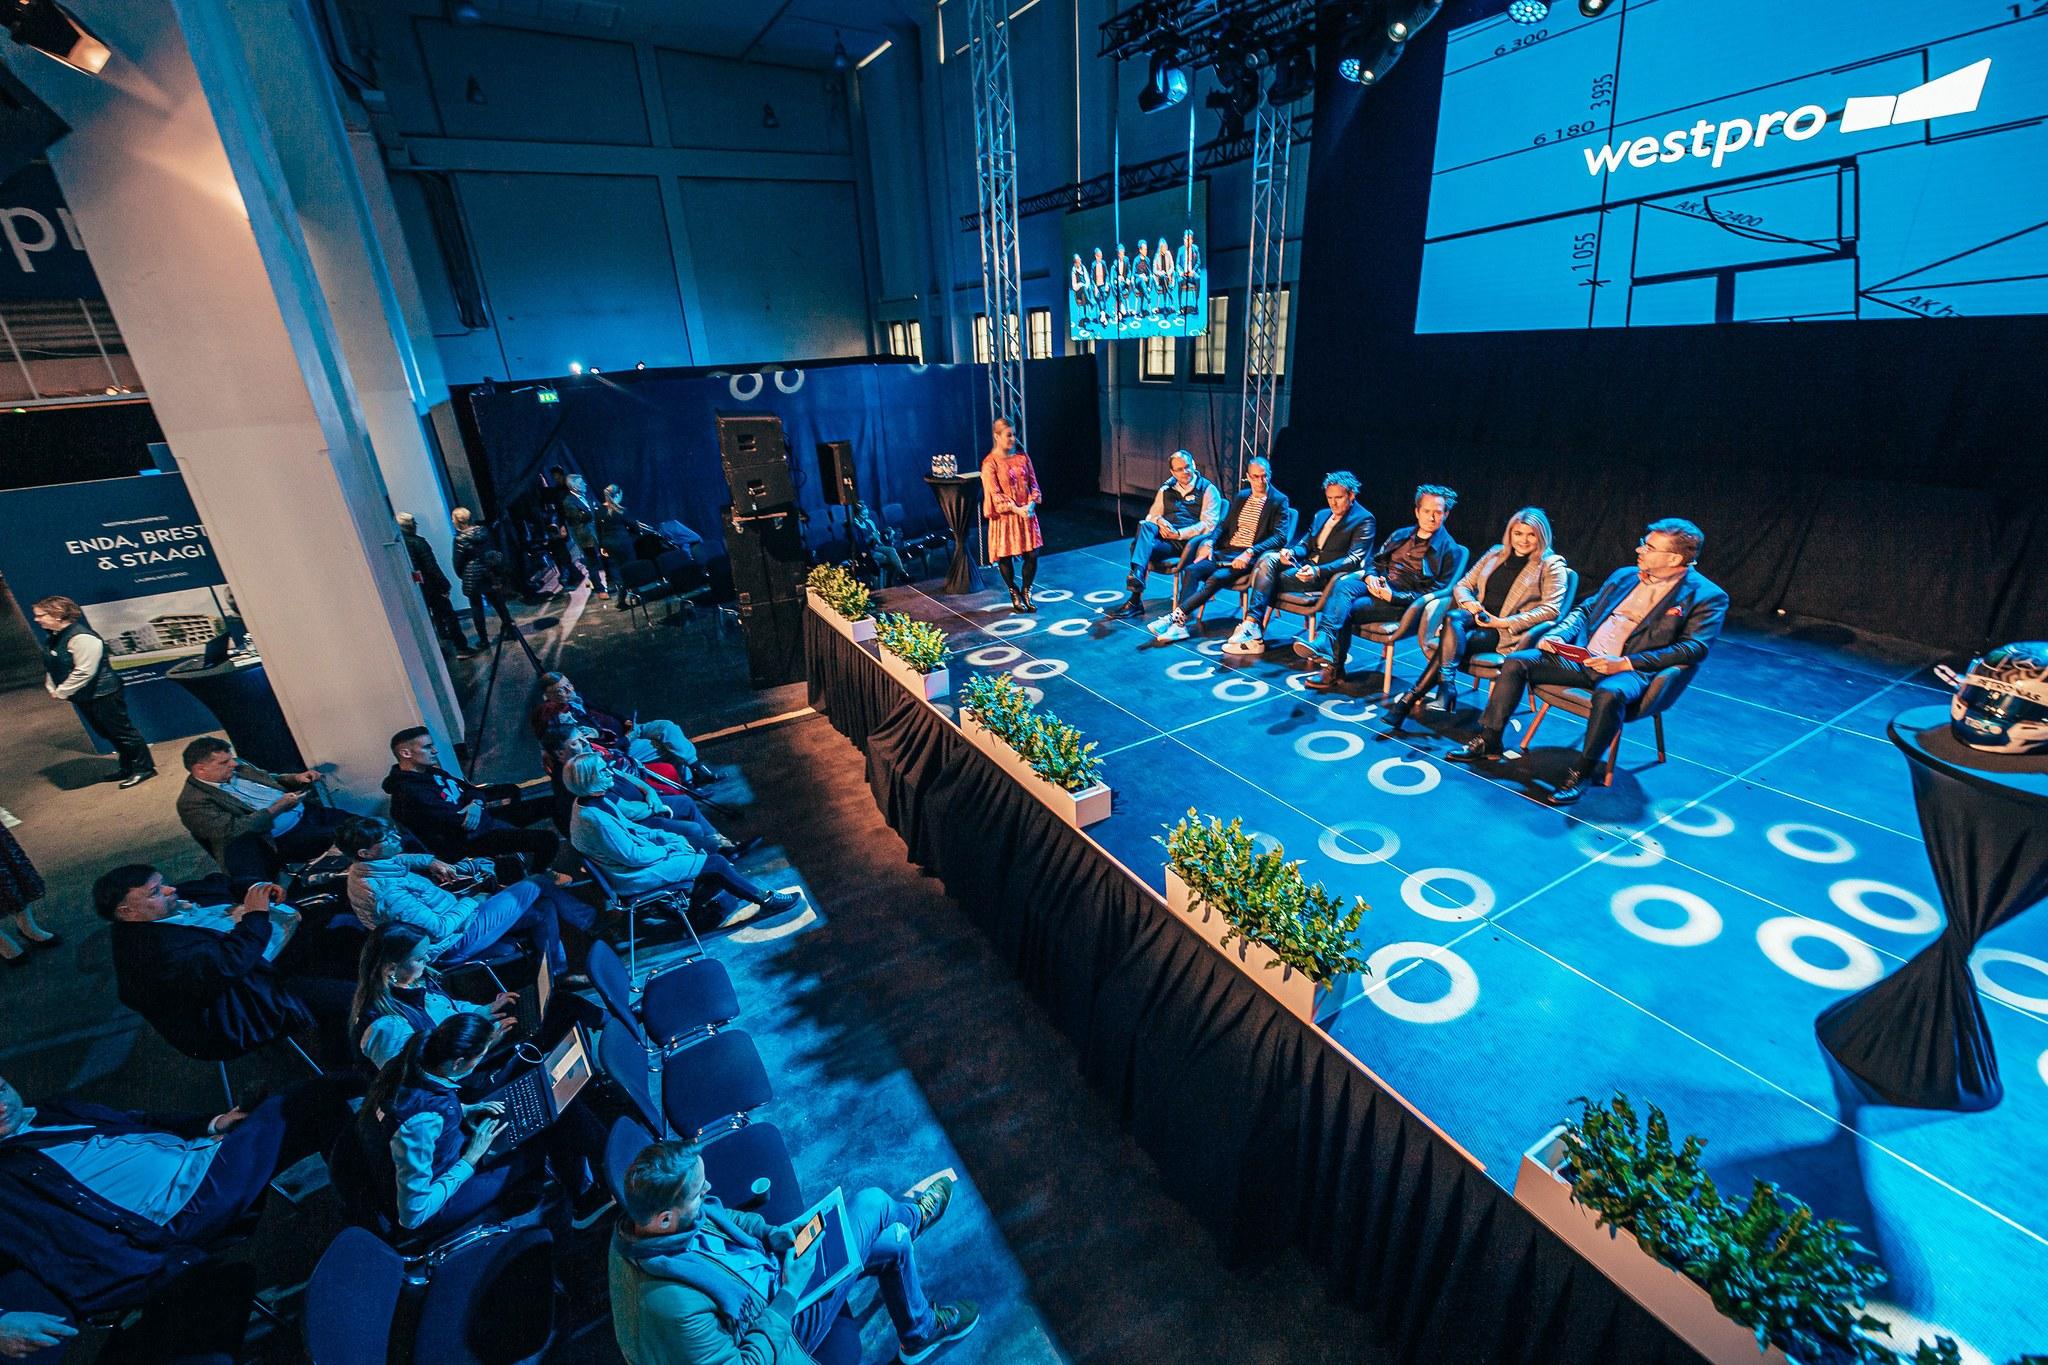 Westpro Moment, tulevaisuuden asuminen